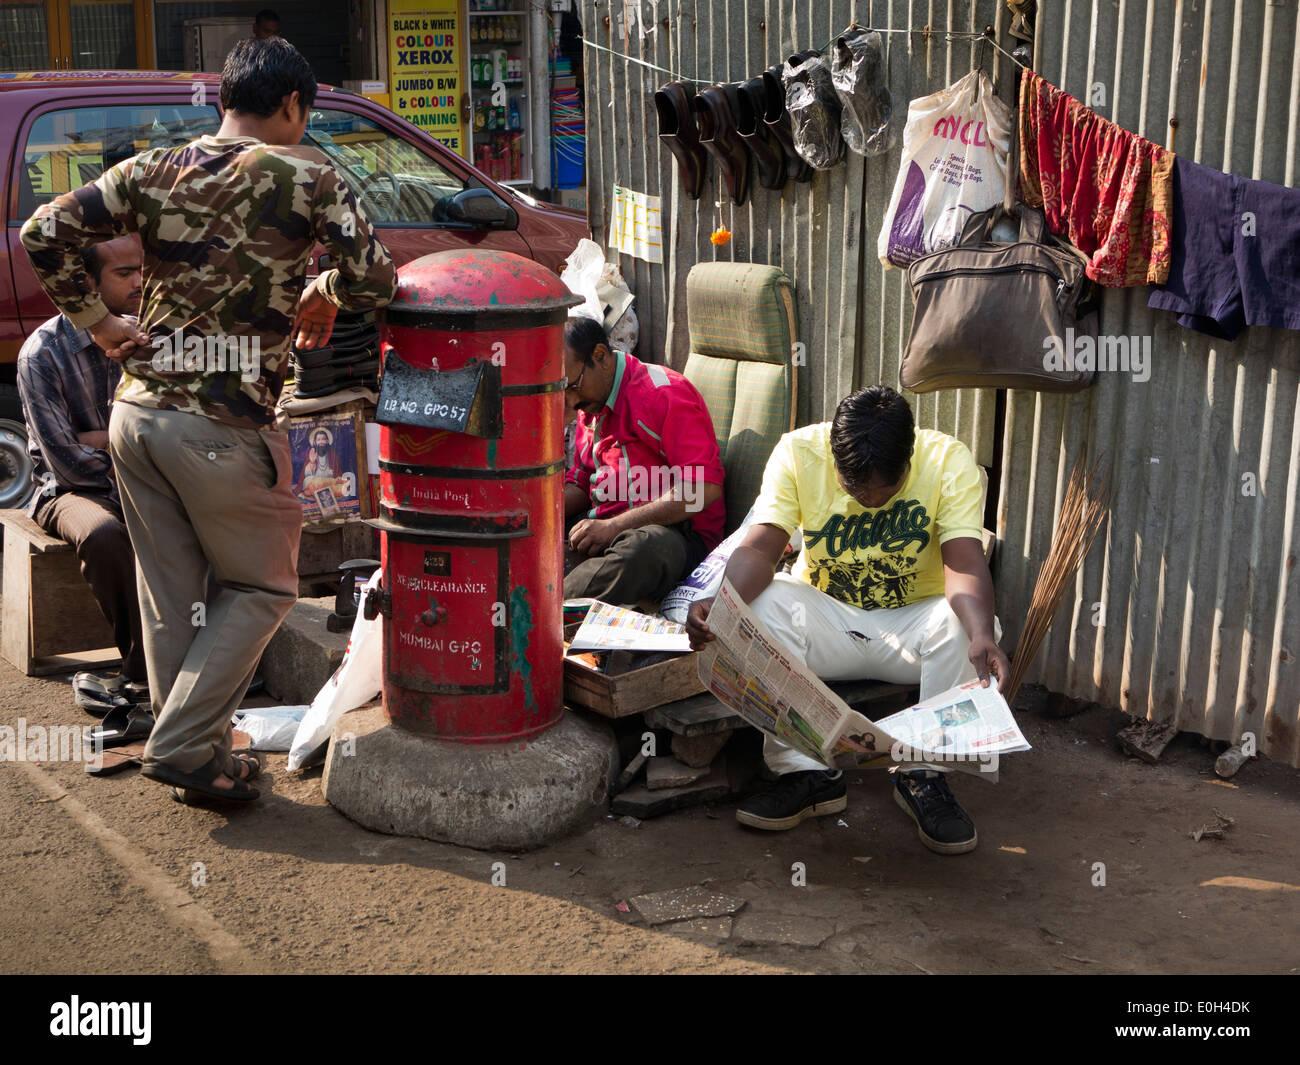 75c0a881919c Indien, Mumbai, Fort Bezirk Männer lesen Zeitungen während am Straßenrand  Schuh Heilkundiger Reparaturen Schuhe